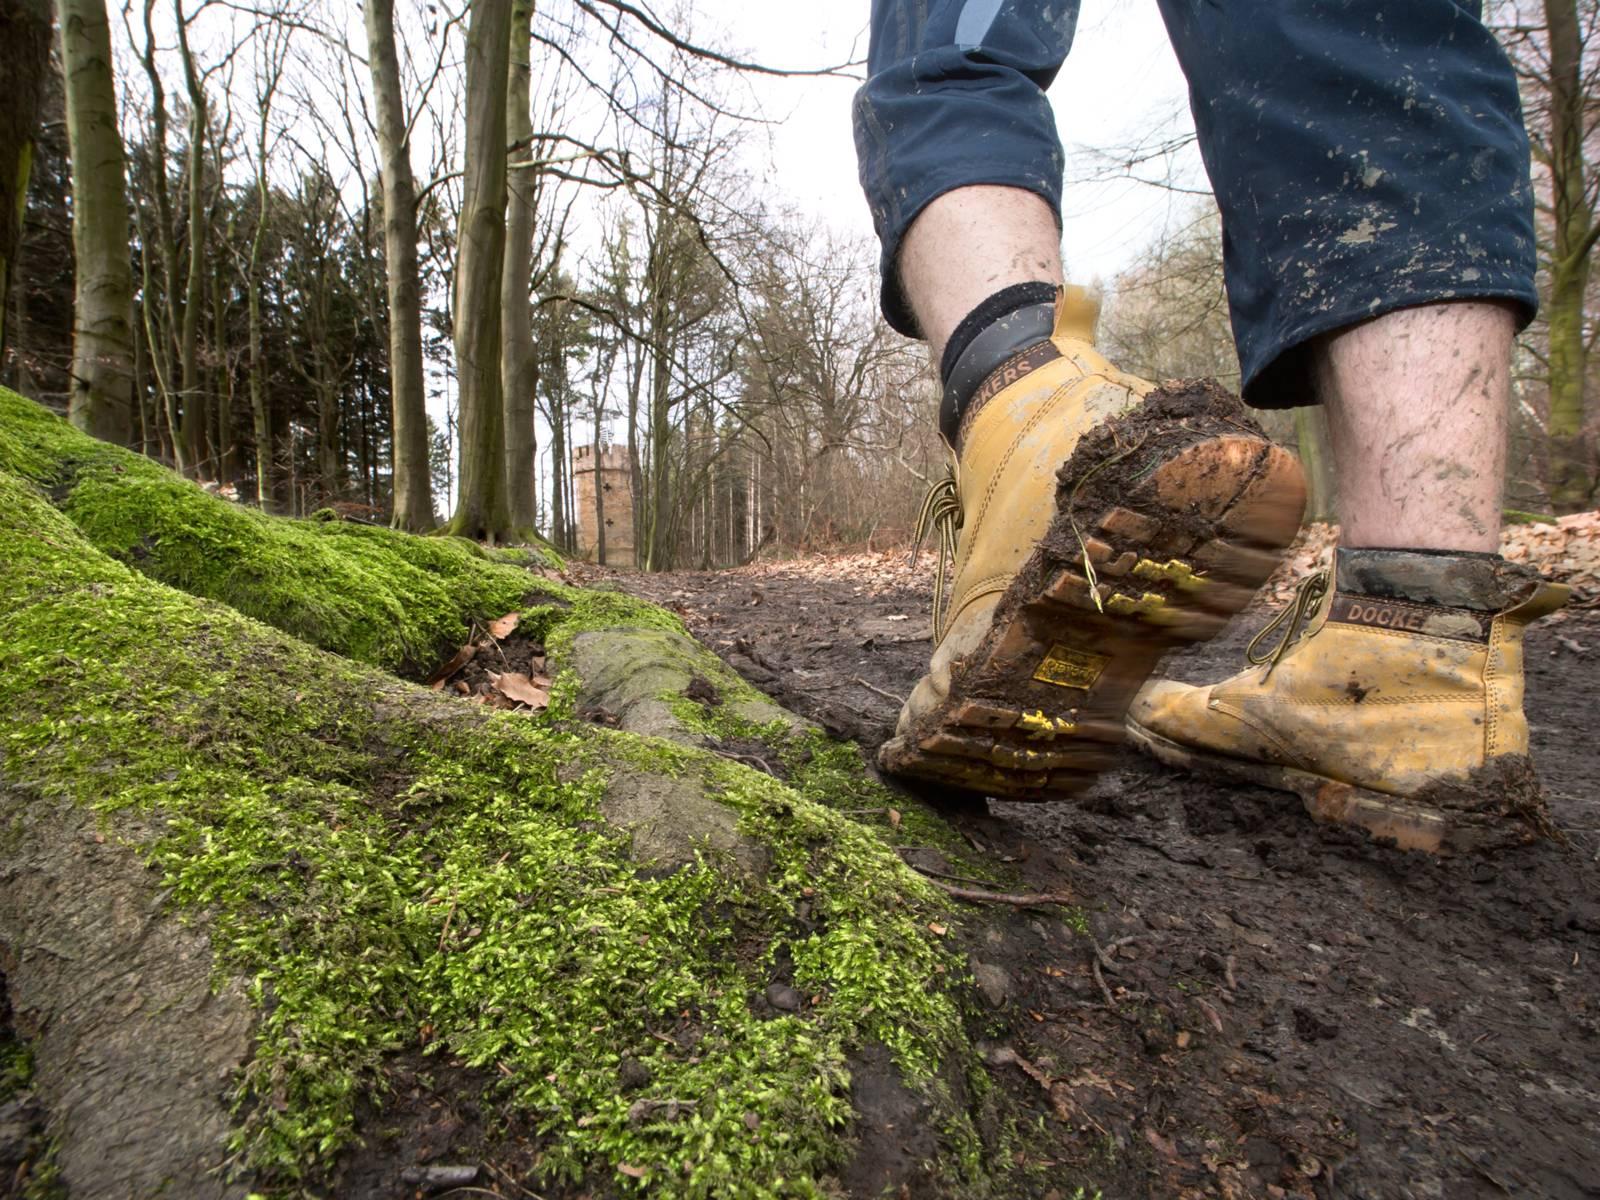 Matschiger Waldweg auf dem jemand mit dreckigen Wanderschuhen geht